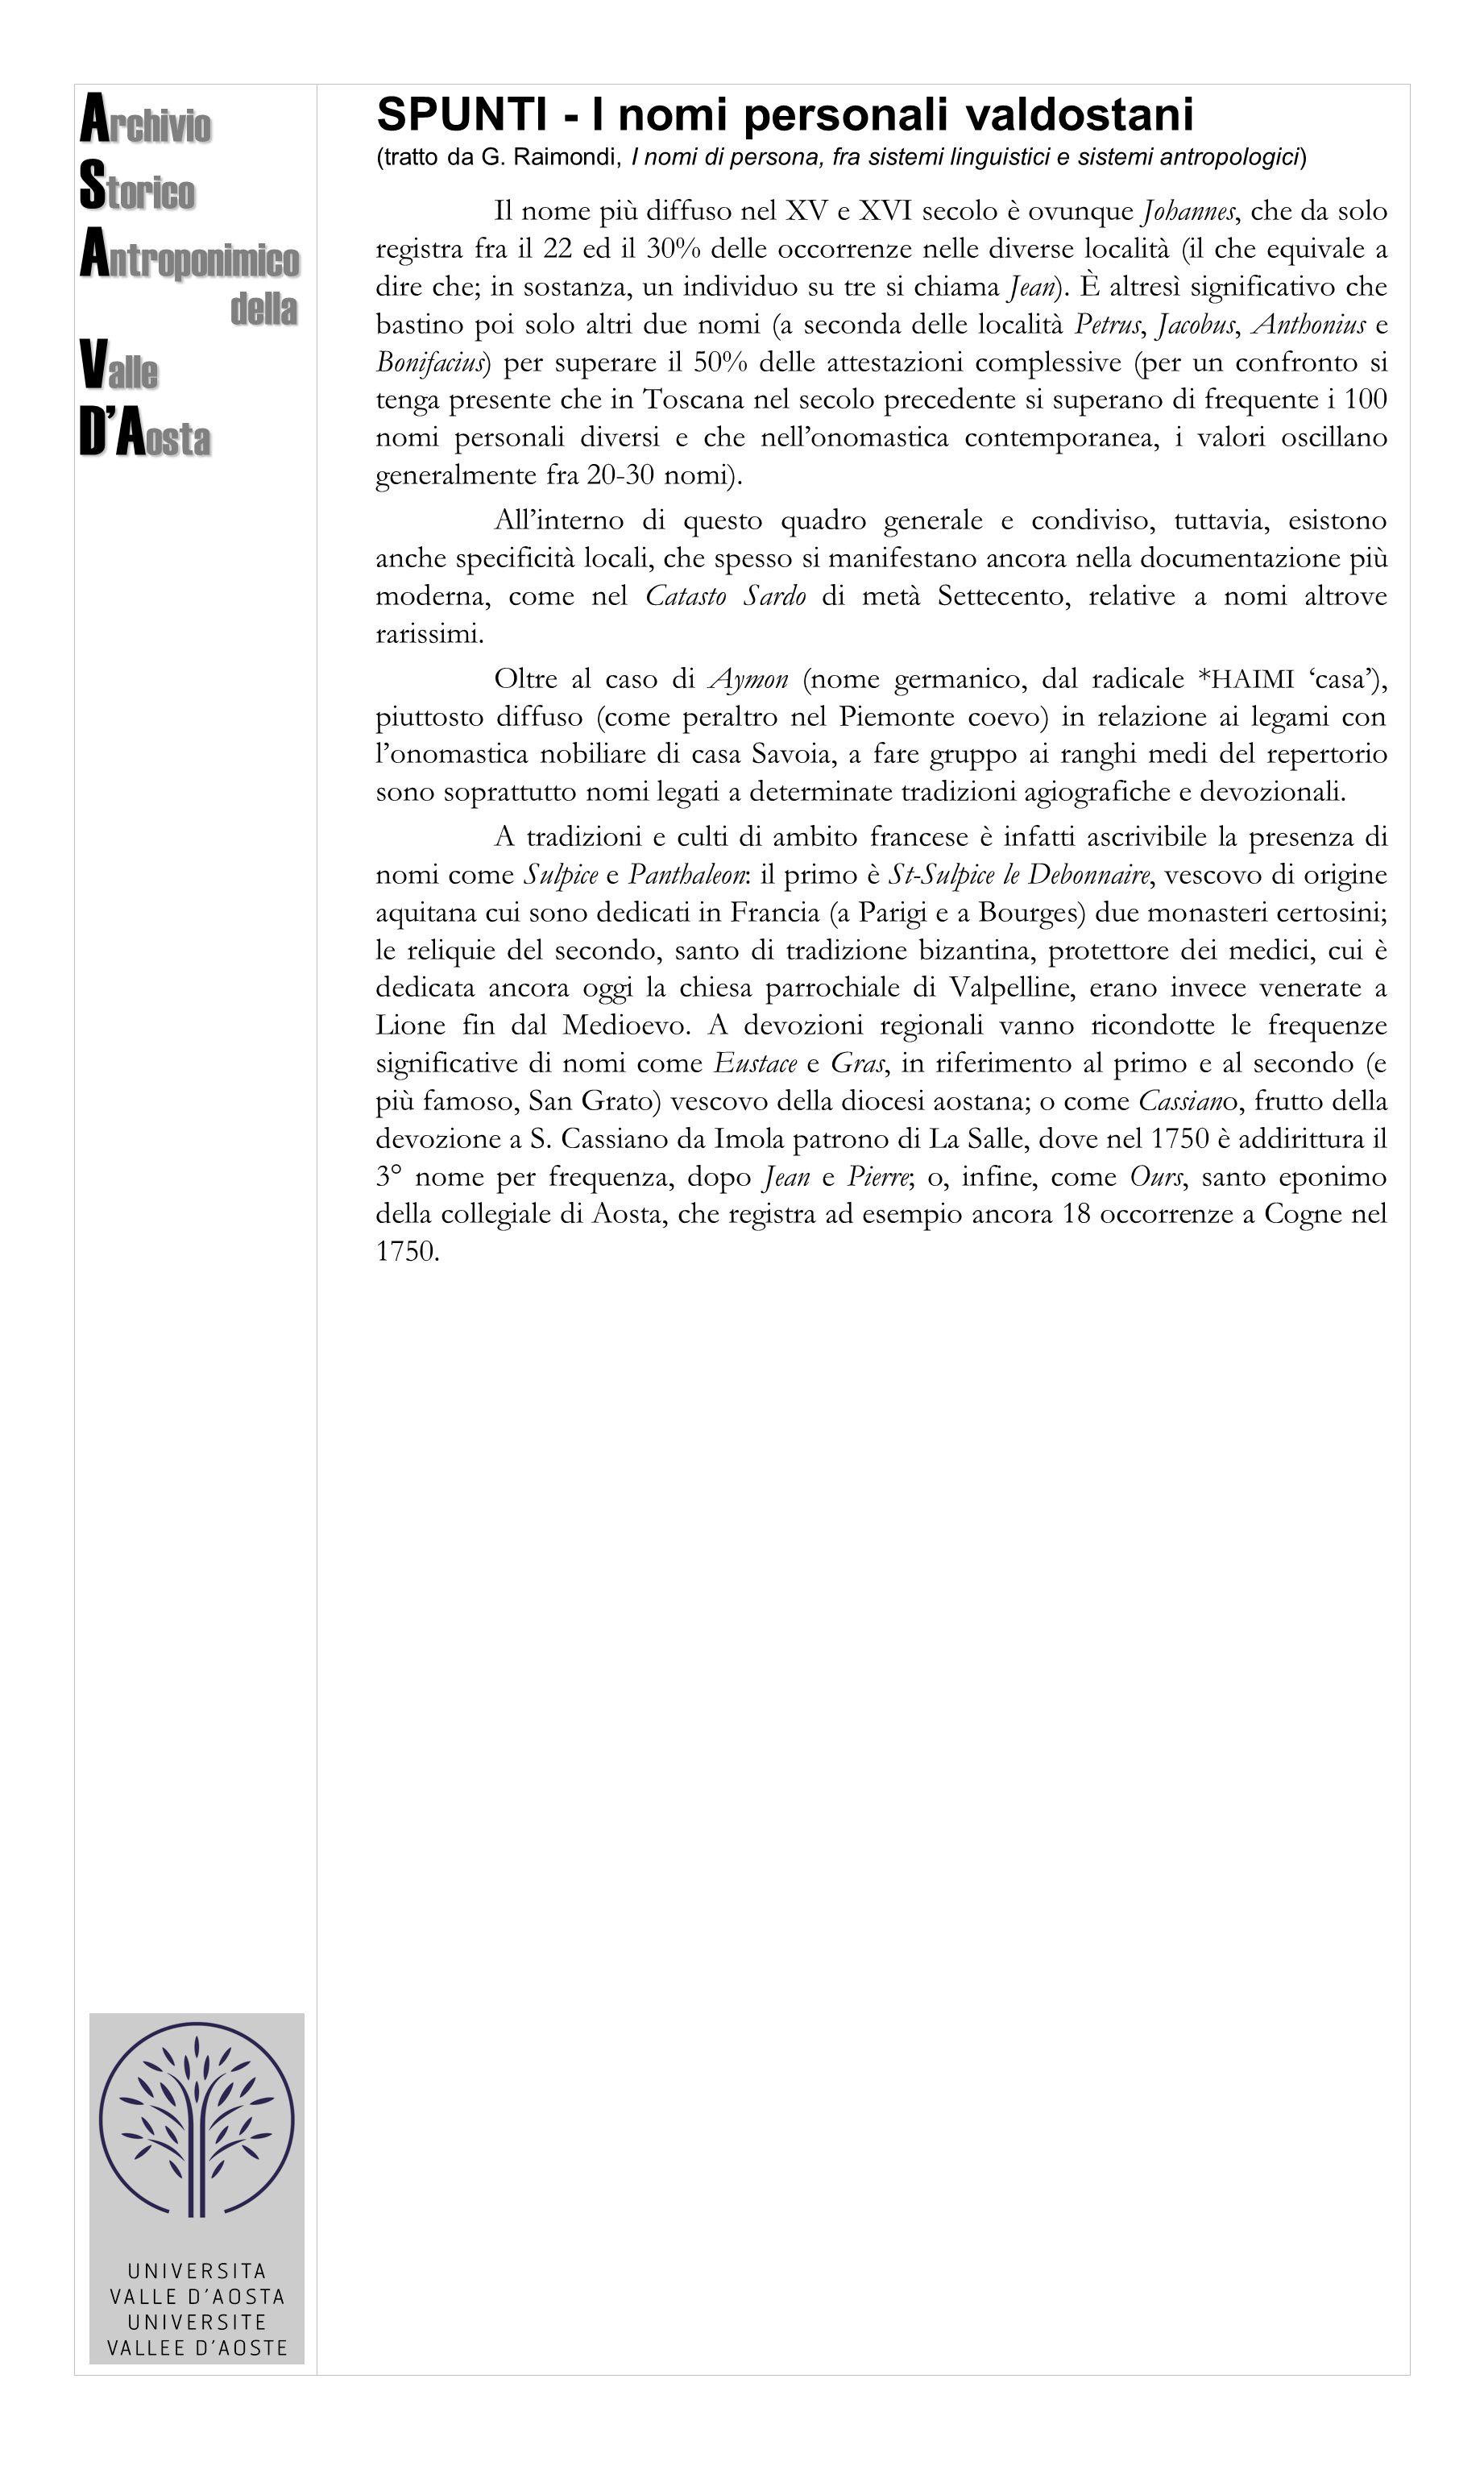 A rchivio S torico A ntroponimico della della V alle D'A osta SPUNTI - I nomi personali valdostani (tratto da G. Raimondi, I nomi di persona, fra sist